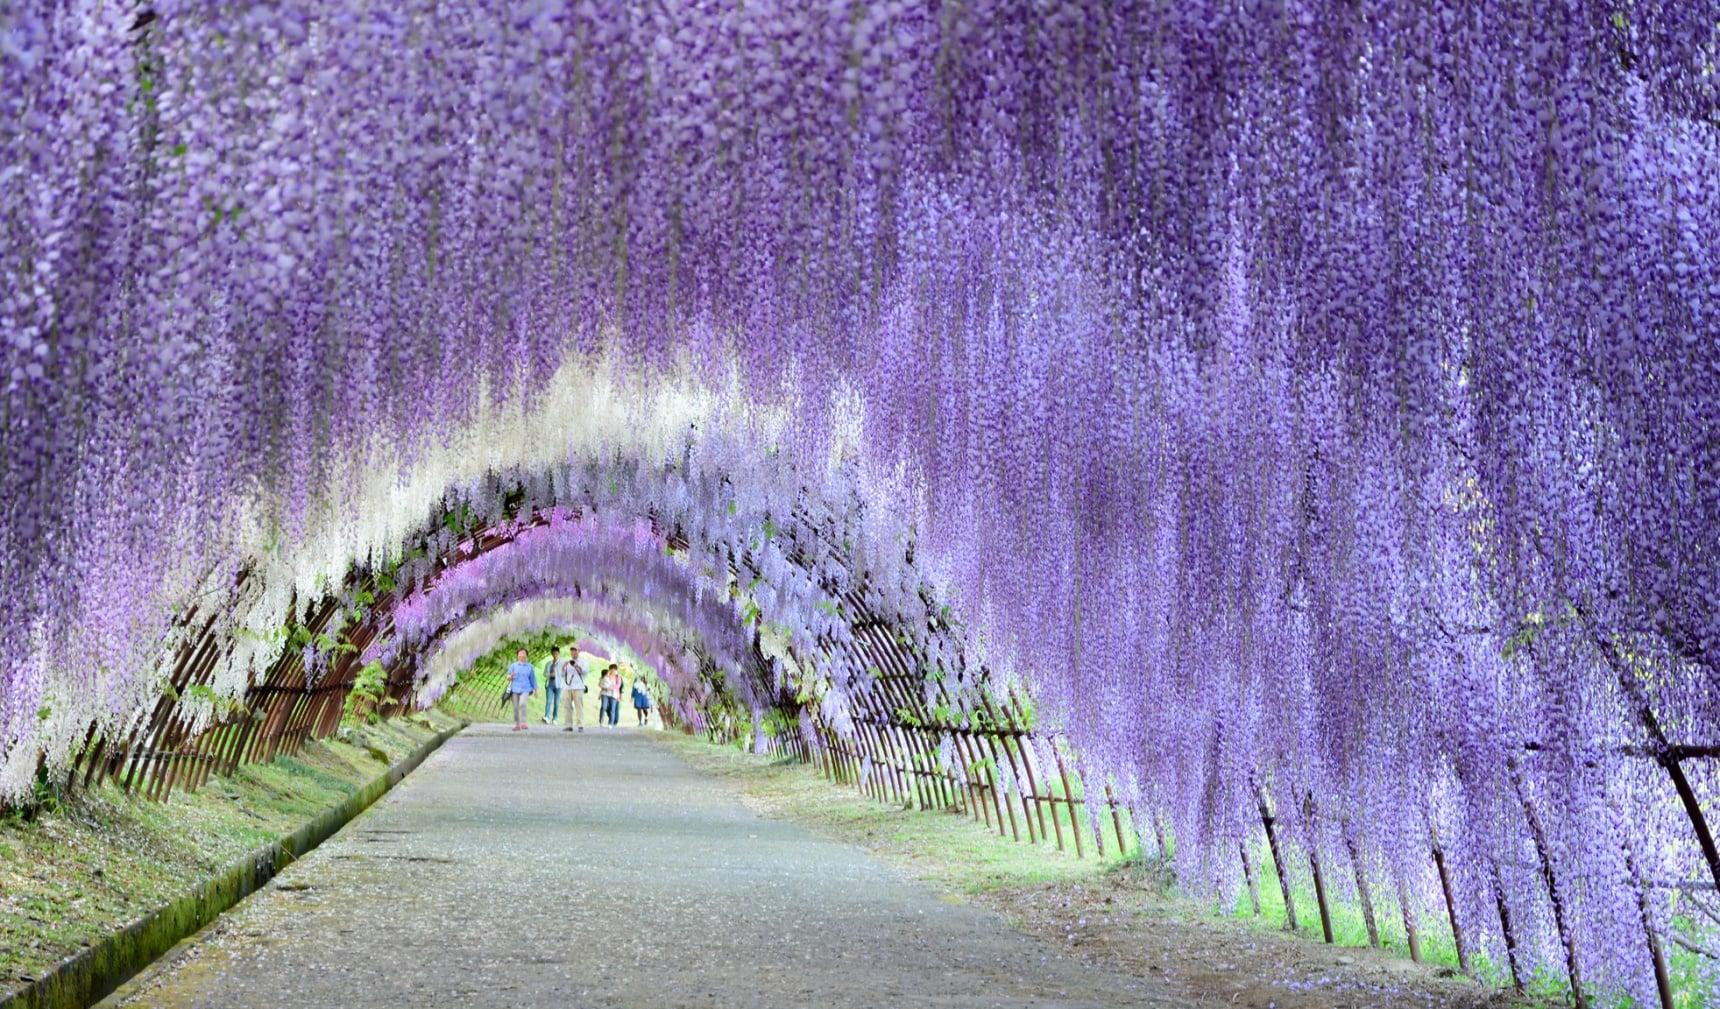 จุดชมดอกไม้ยอดนิยม 10 แห่งในคิวชู